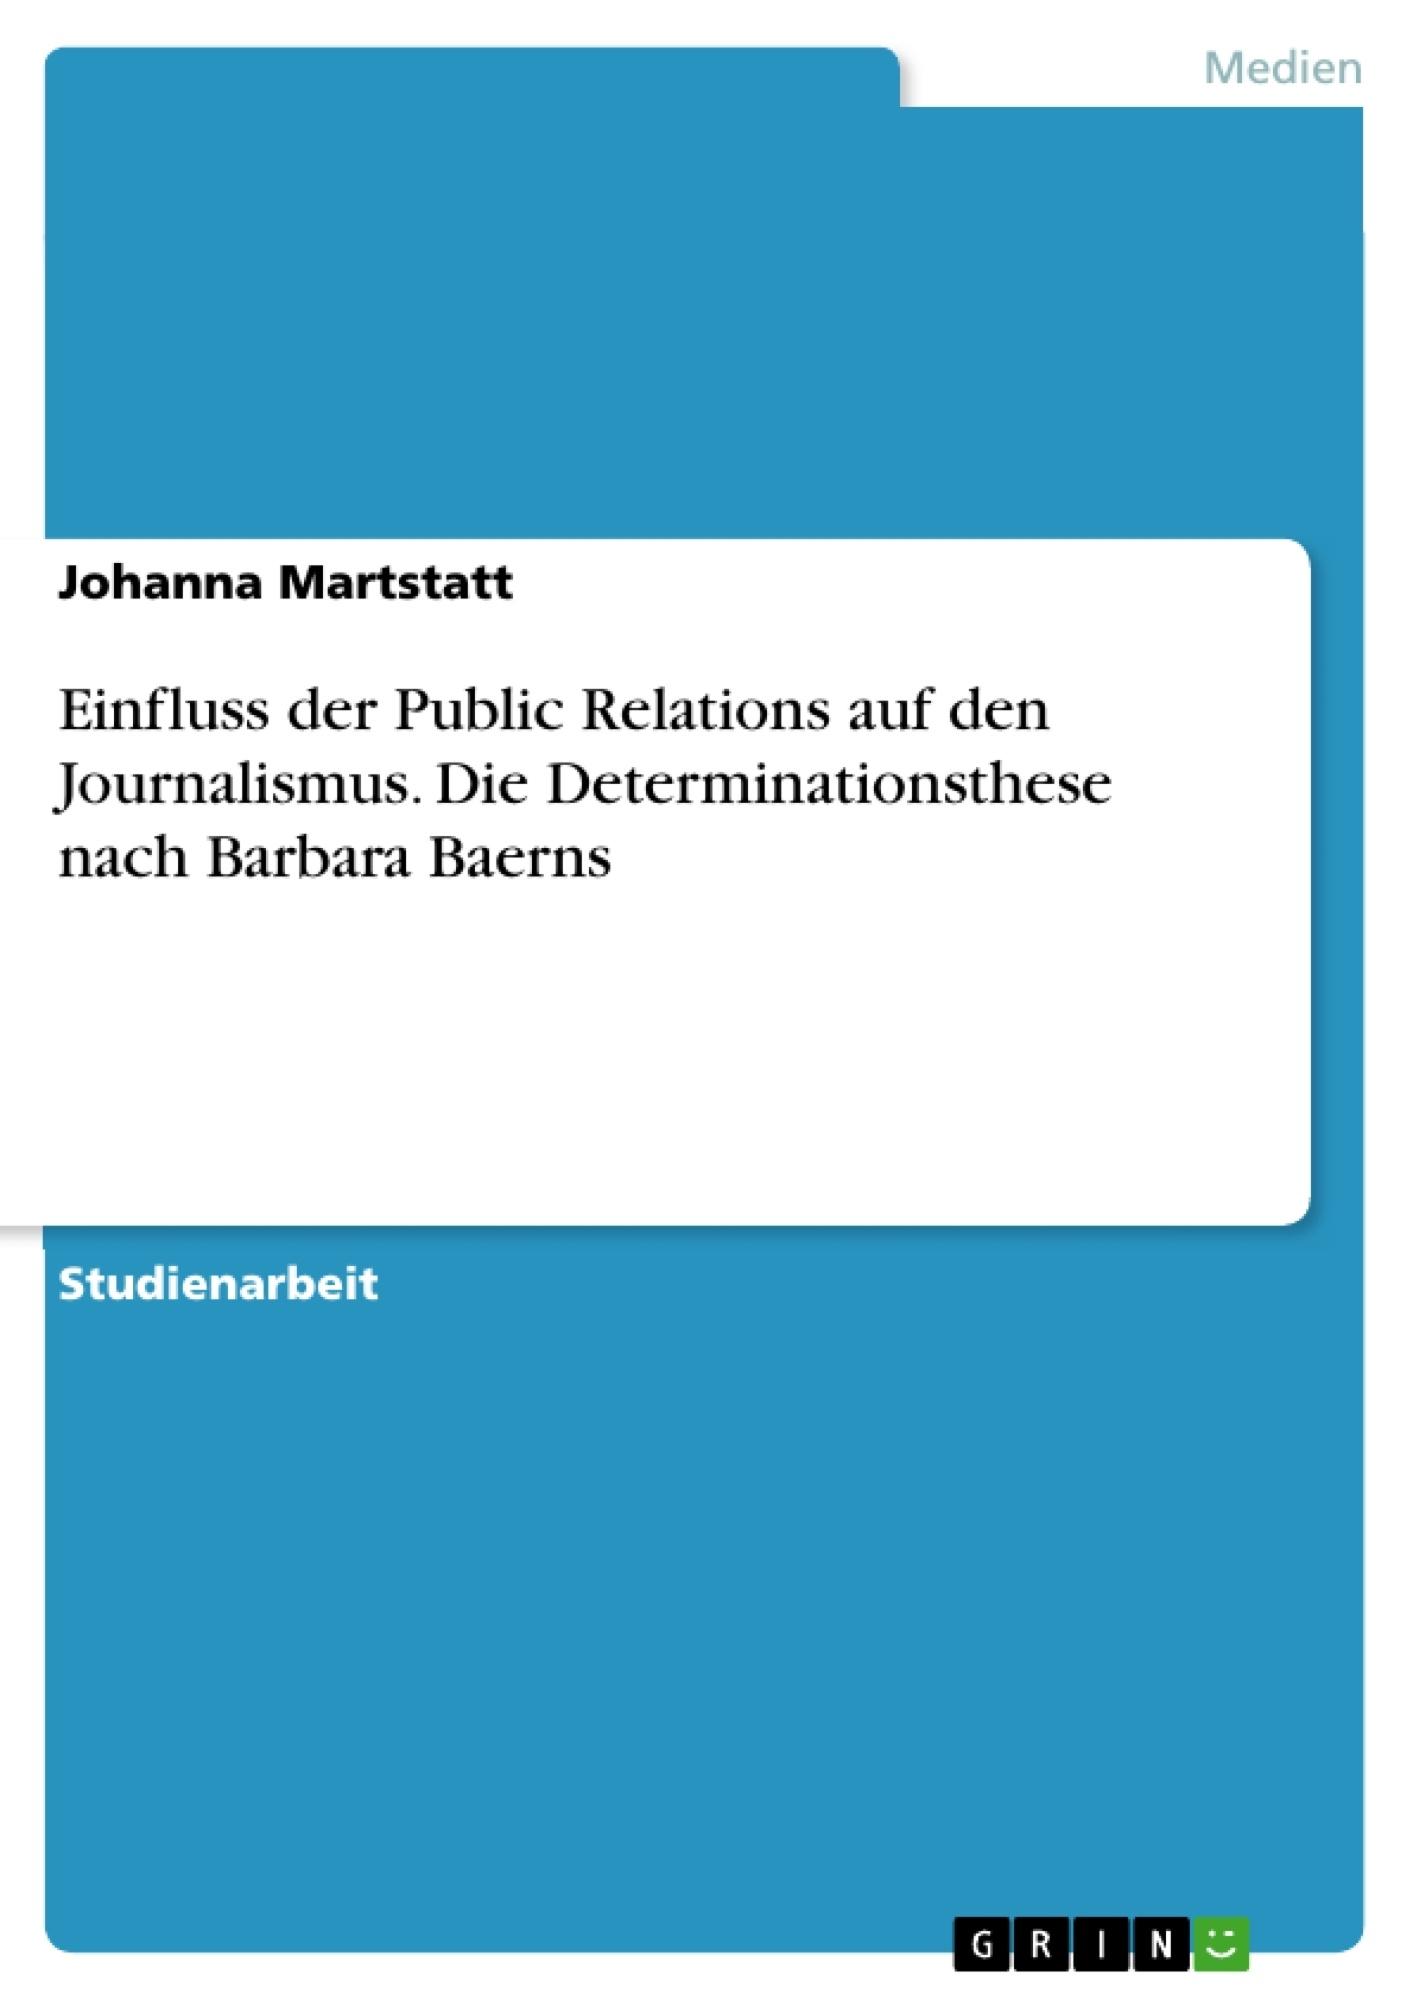 Titel: Einfluss der Public Relations auf den Journalismus. Die Determinationsthese nach Barbara Baerns